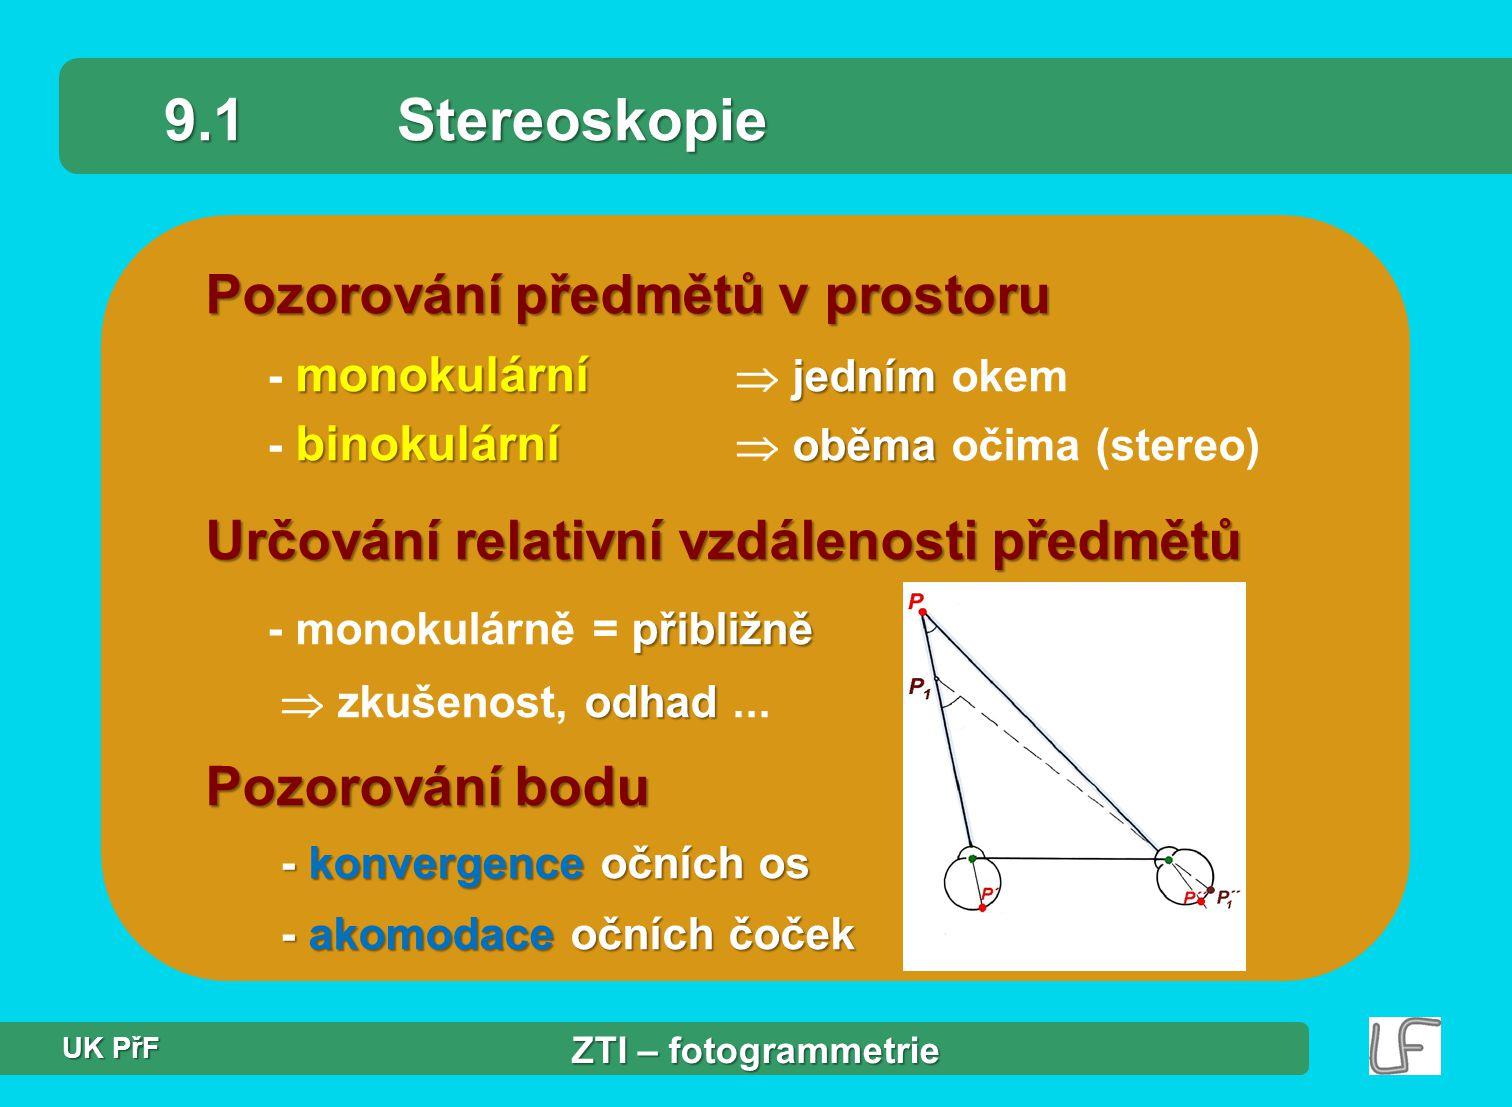 Základní a nejvíce používaná metoda LF 9.2Stereoskopická metoda LF Data vstupní - 2 snímky stereopár, stereodvojice řadablok řad - PVniO - PVO - vlícovací a kontrolní body - 2 snímky  stereopár, stereodvojice..